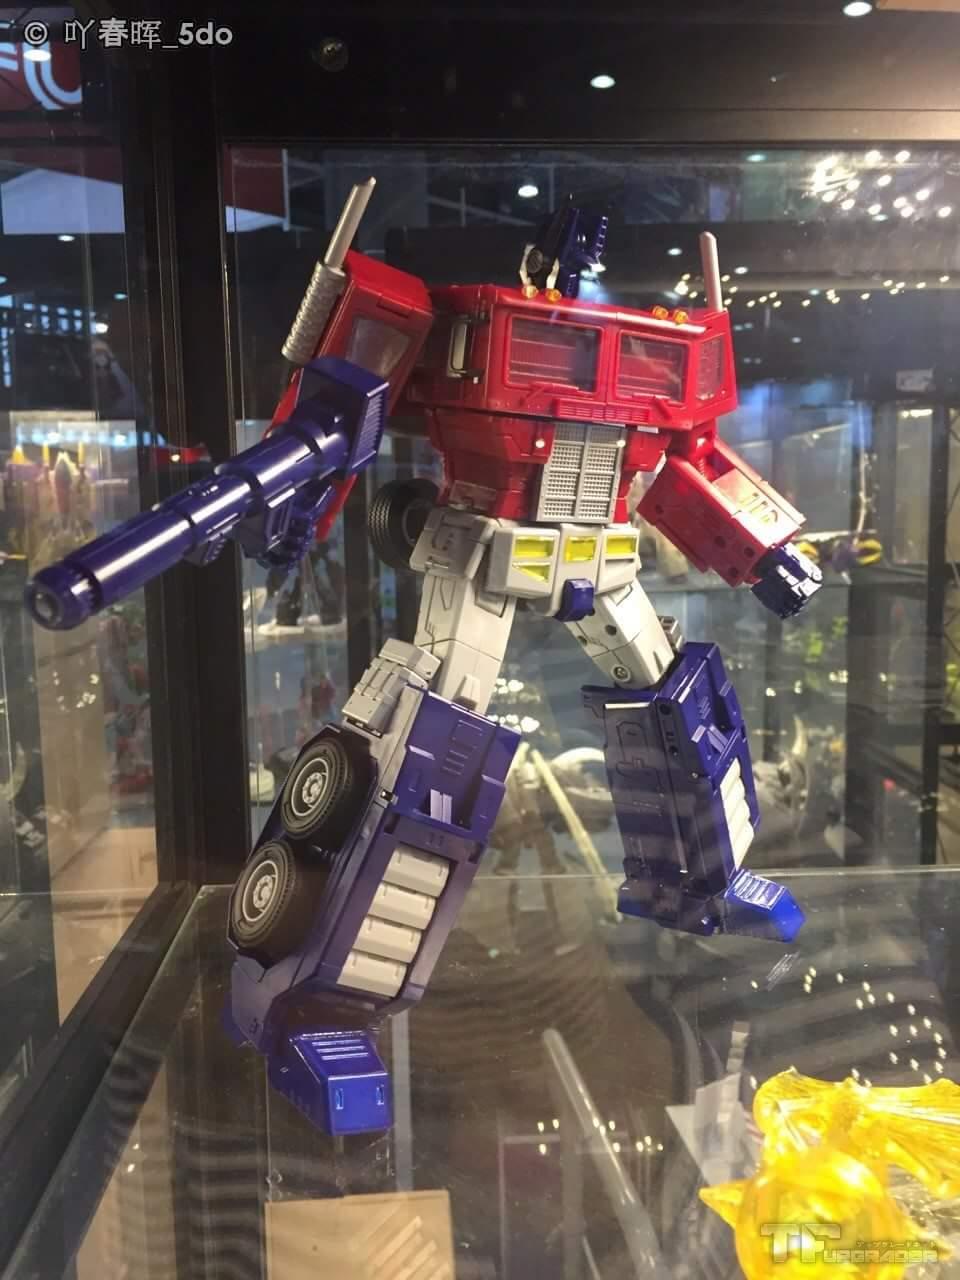 [ToyWorld][Zeta Toys] Produit Tiers - TW-M01 Primorion/Zeta-EX6O OriPrime et Zeta -EX6E EvaPrime - aka Optimus (G1 et Evangelion) JsTosL3X